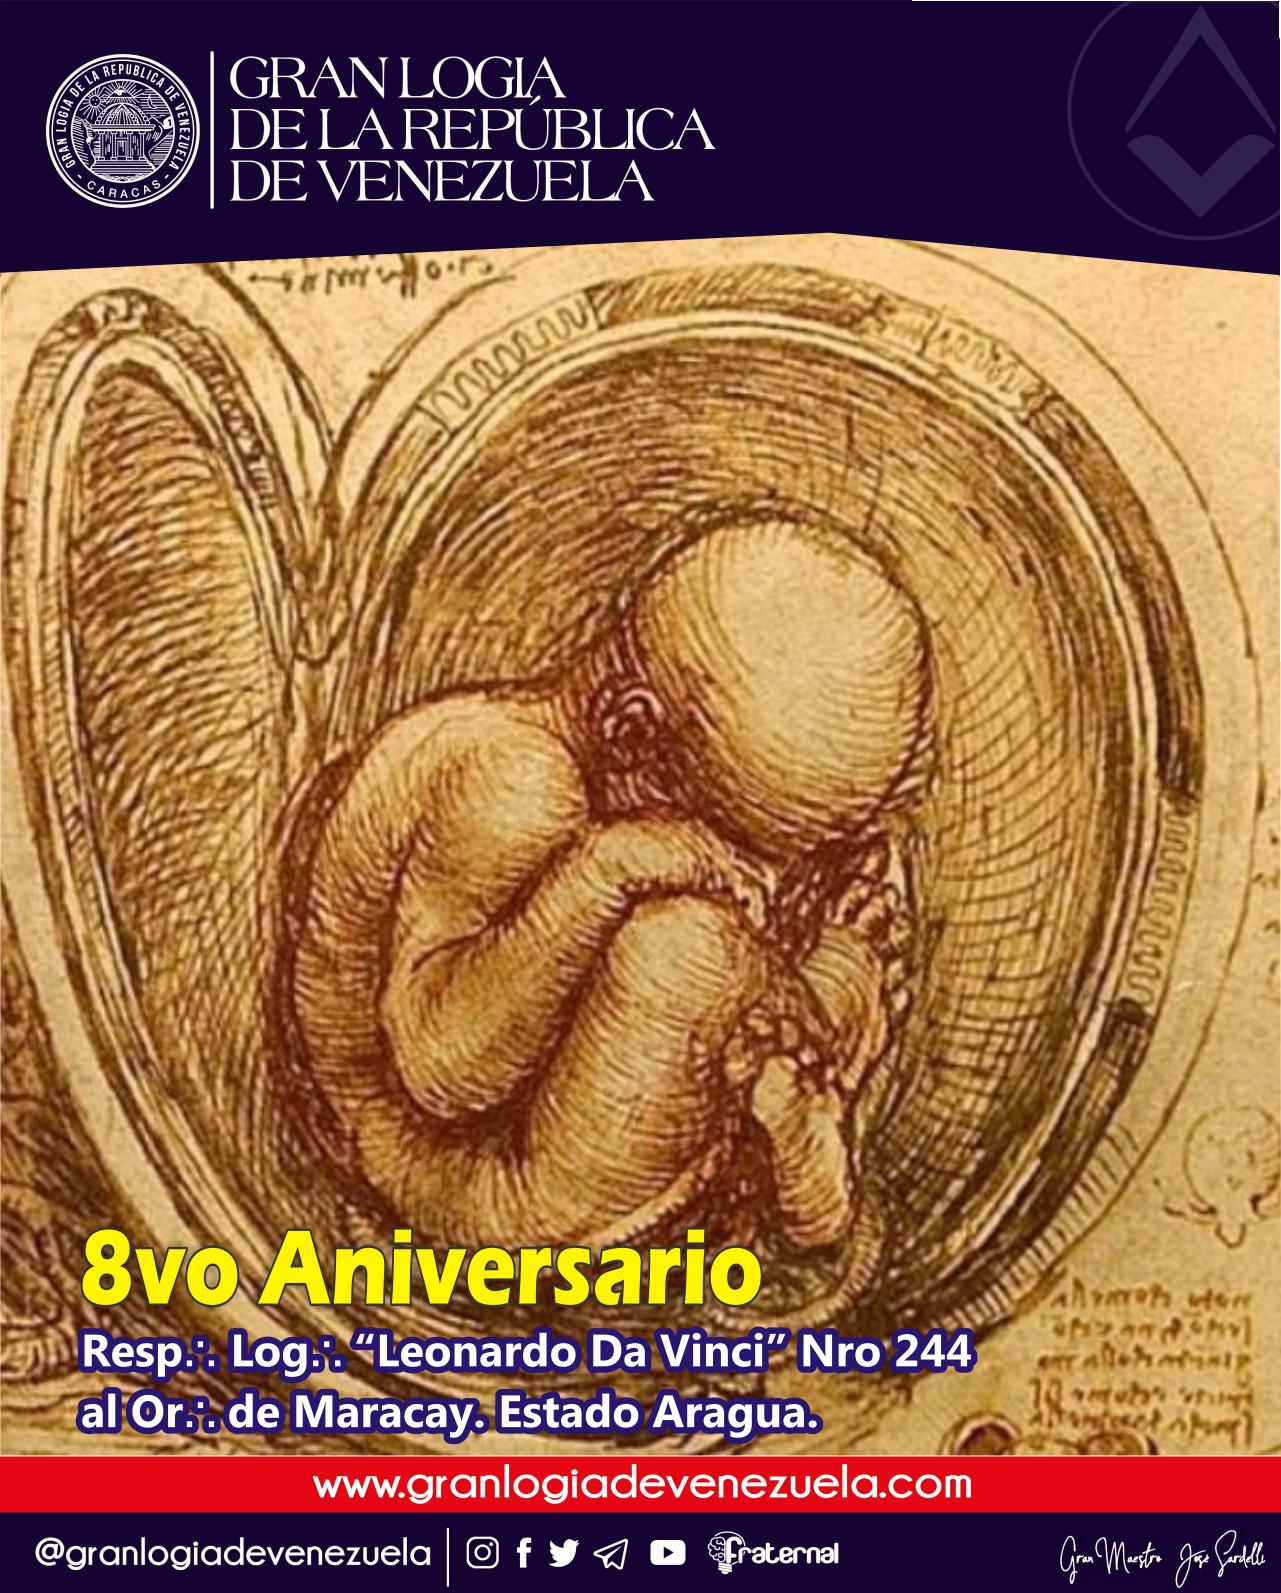 """A L∴ G∴ D∴ G∴ A∴ D∴ U∴S∴ F∴ U∴ /  / Aniversario: R∴ L∴ """"Leonardo Da Vinci"""" Nro 244 al Or∴ de Maracay. Estado Aragua."""